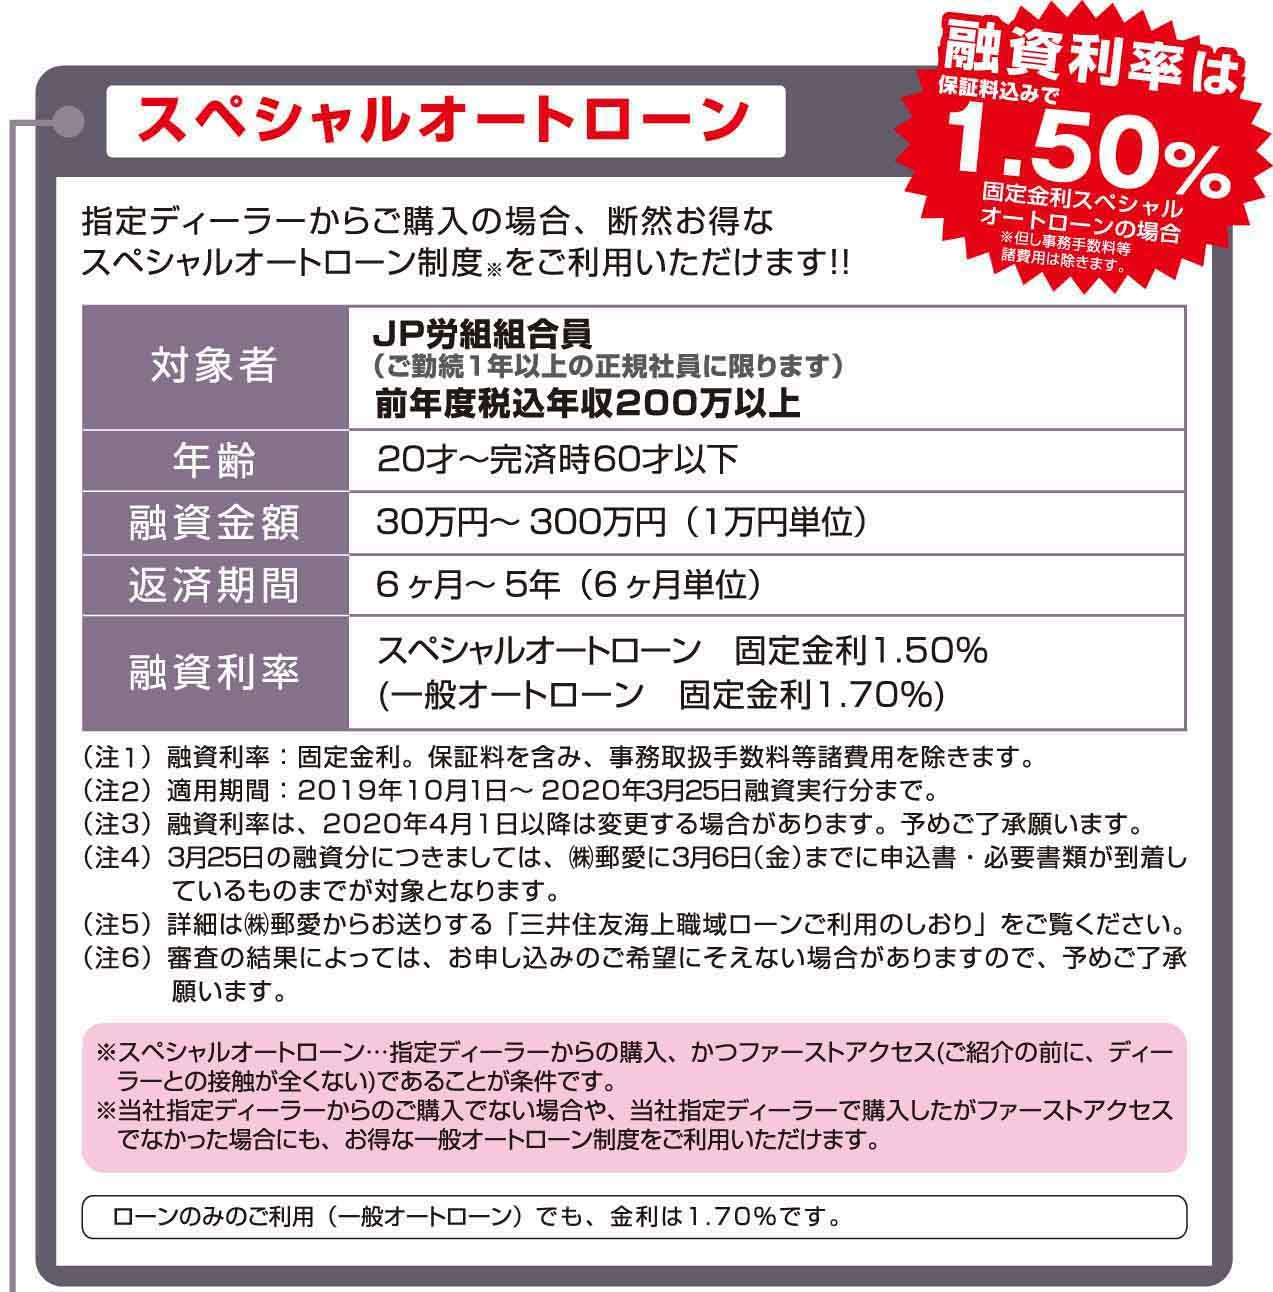 スペシャルオートローン/ディーラーのご紹介